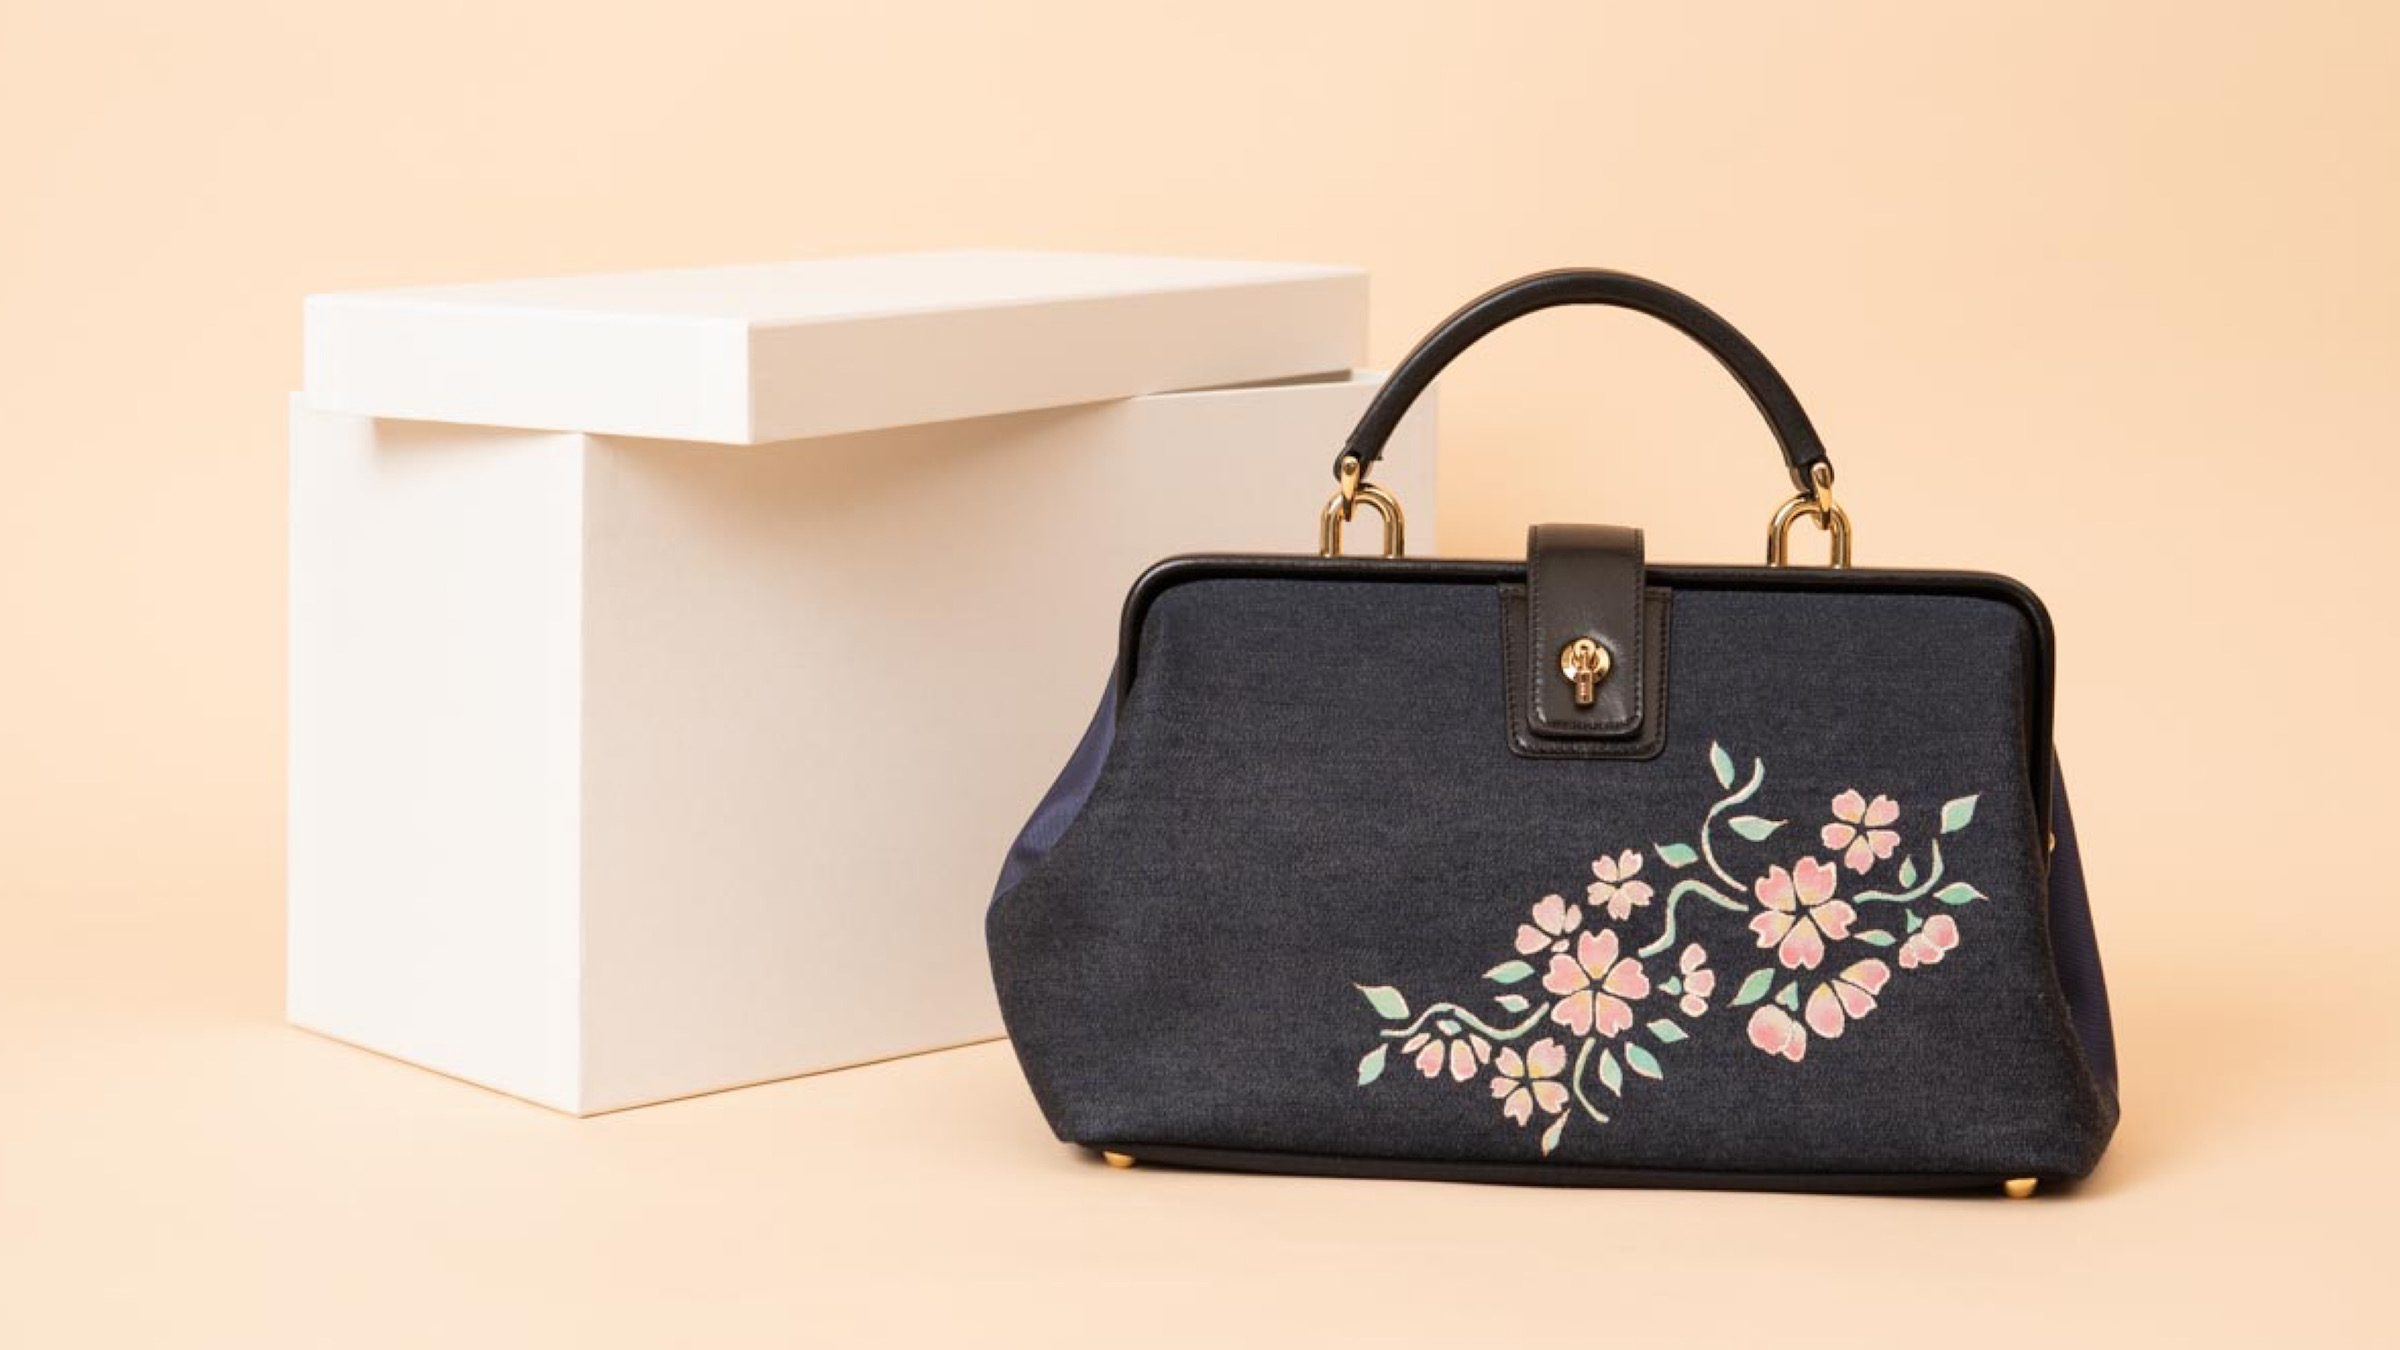 京都デニムのバッグに京友禅染めをオーダー|オーダーメイドの楽しみ方